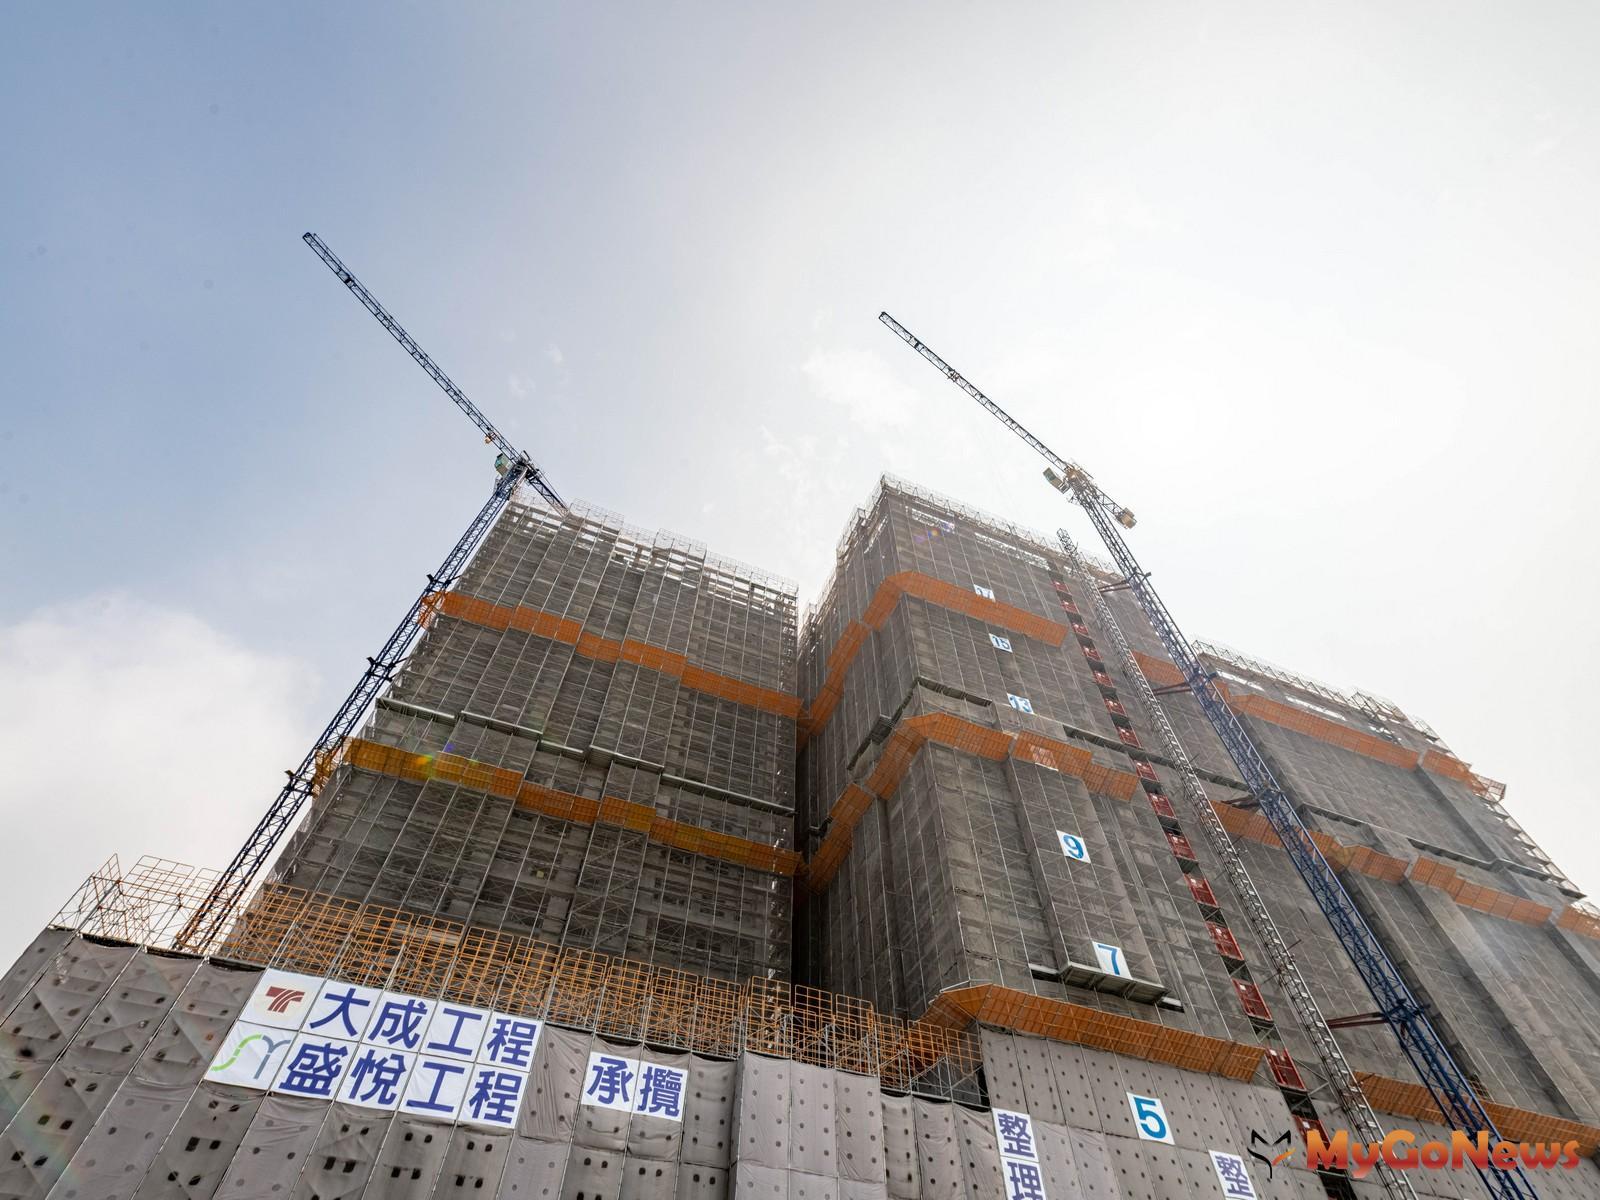 中路三號社會住宅2022年3月完工,智慧綠建築打造社宅新典範(圖/桃園市政府) MyGoNews房地產新聞 區域情報